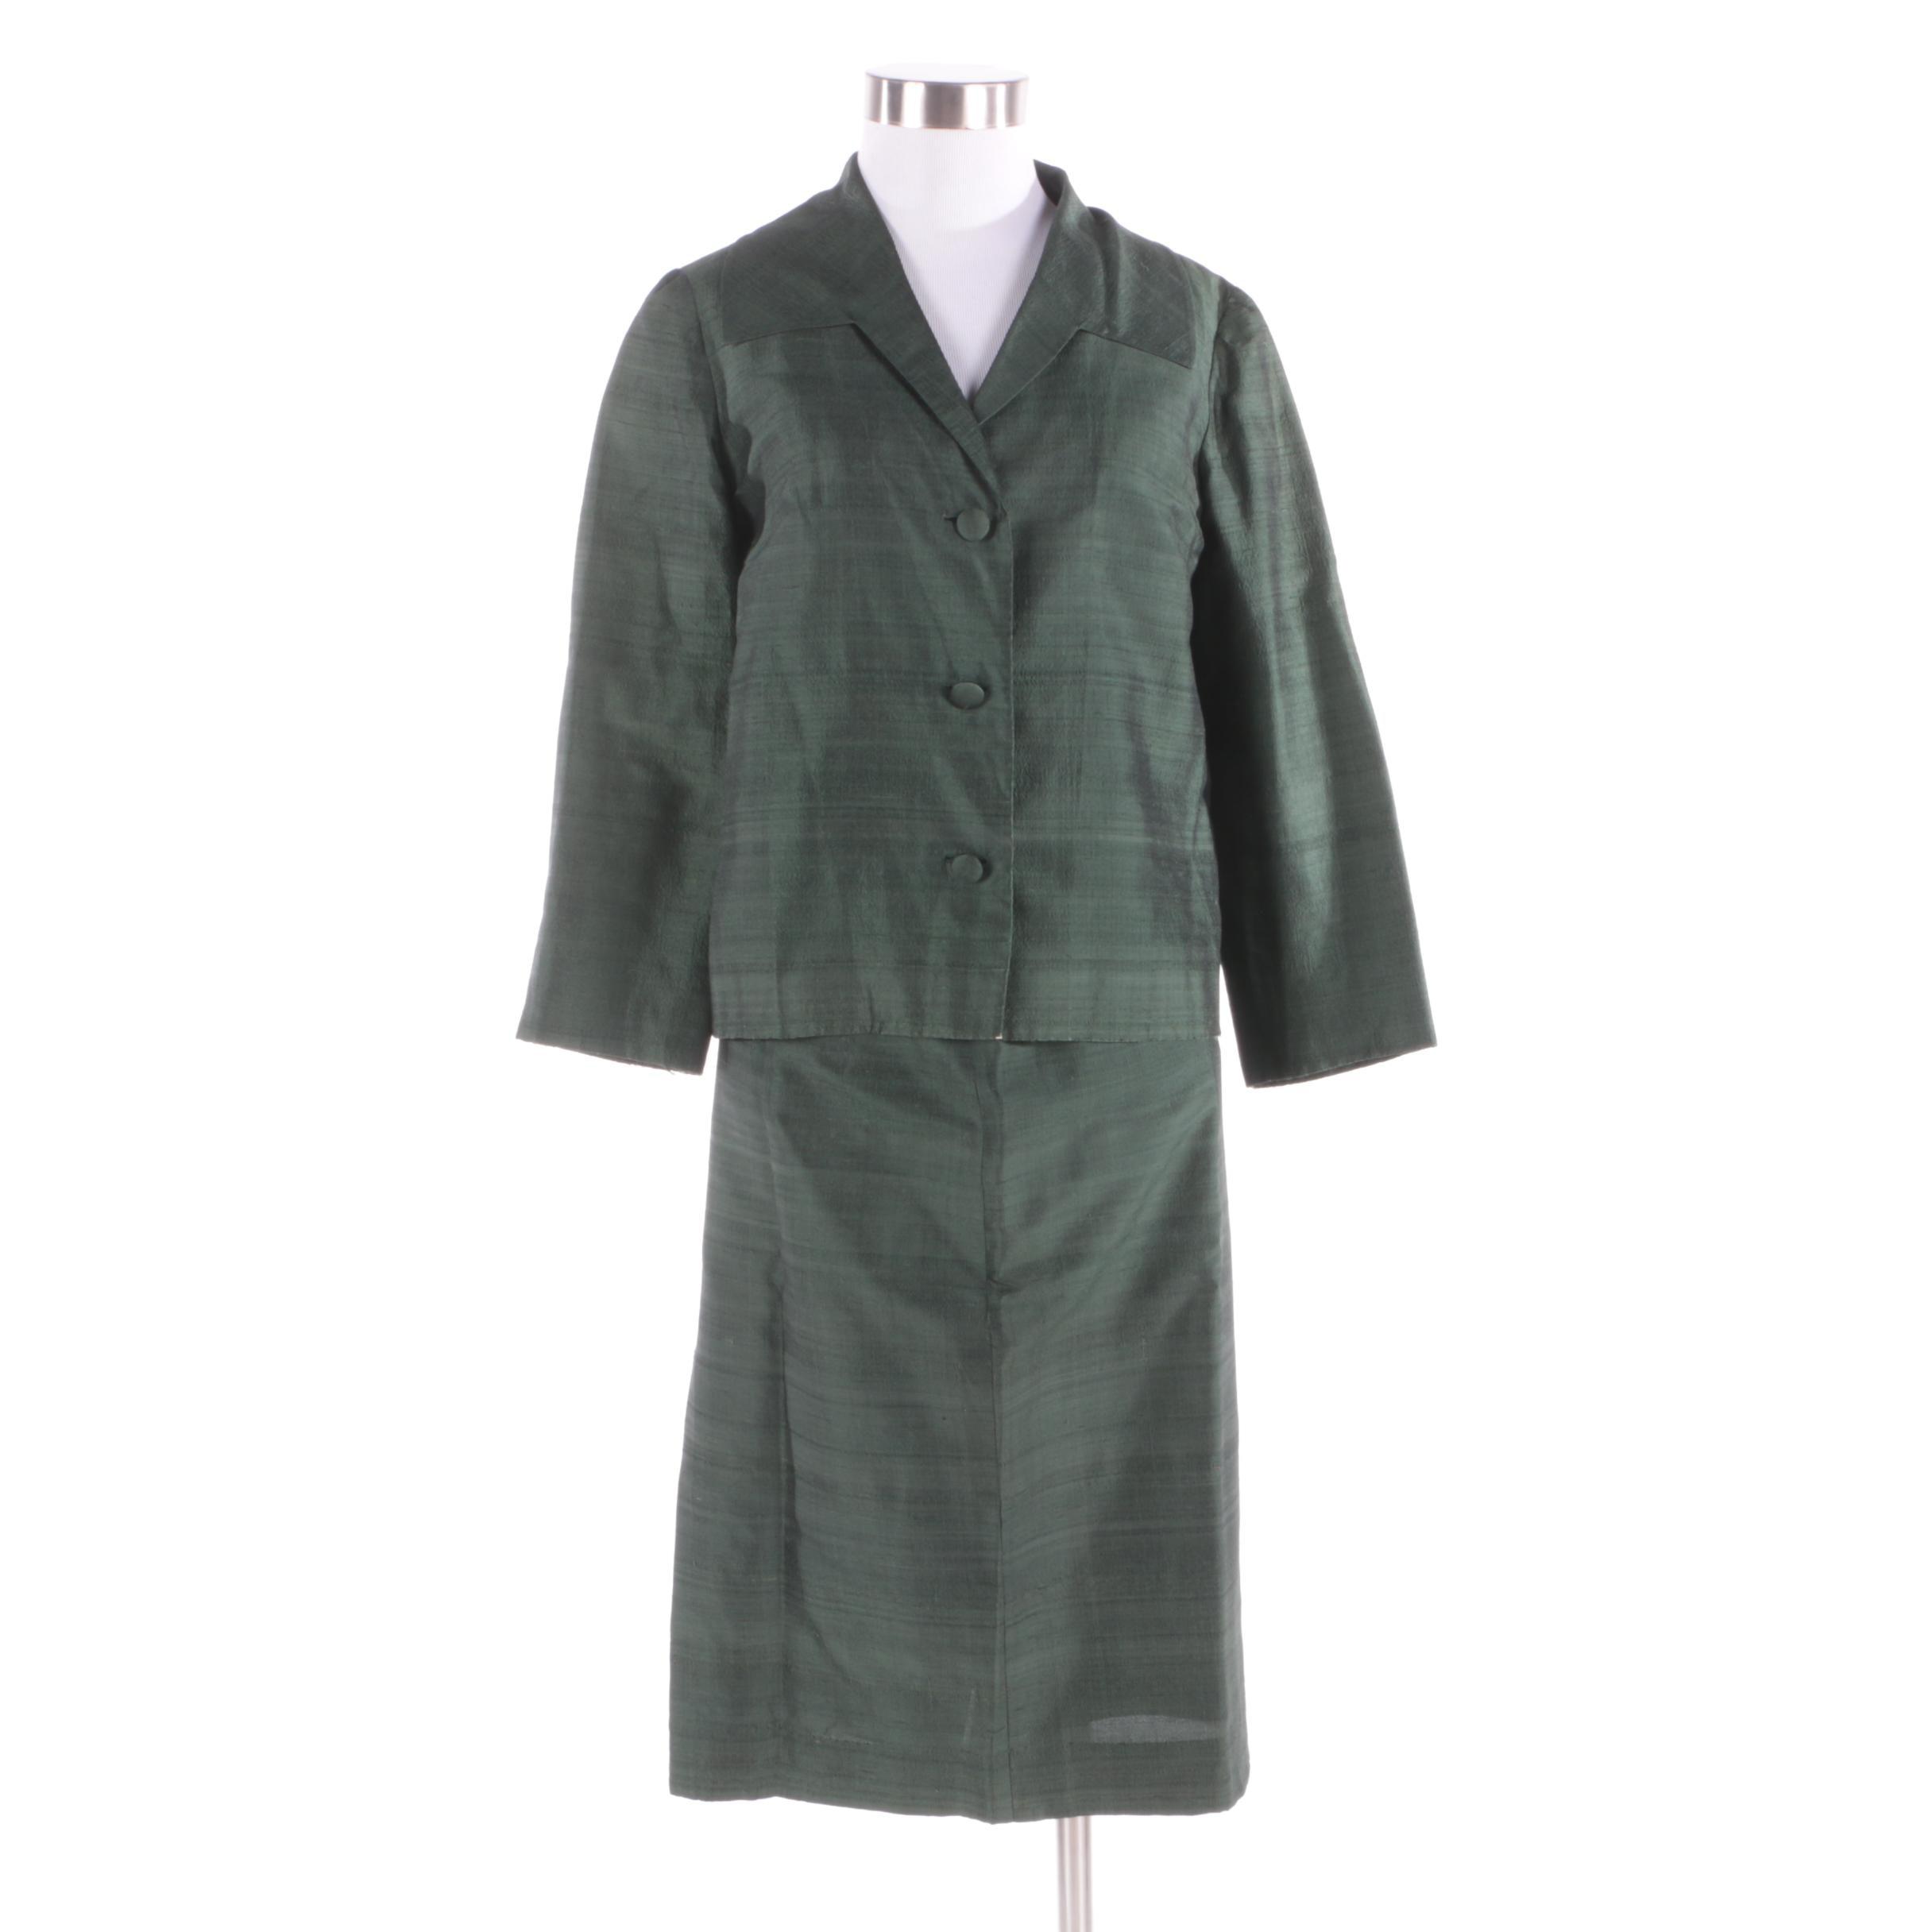 Circa 1960s Green Silk Blend Skirt Suit